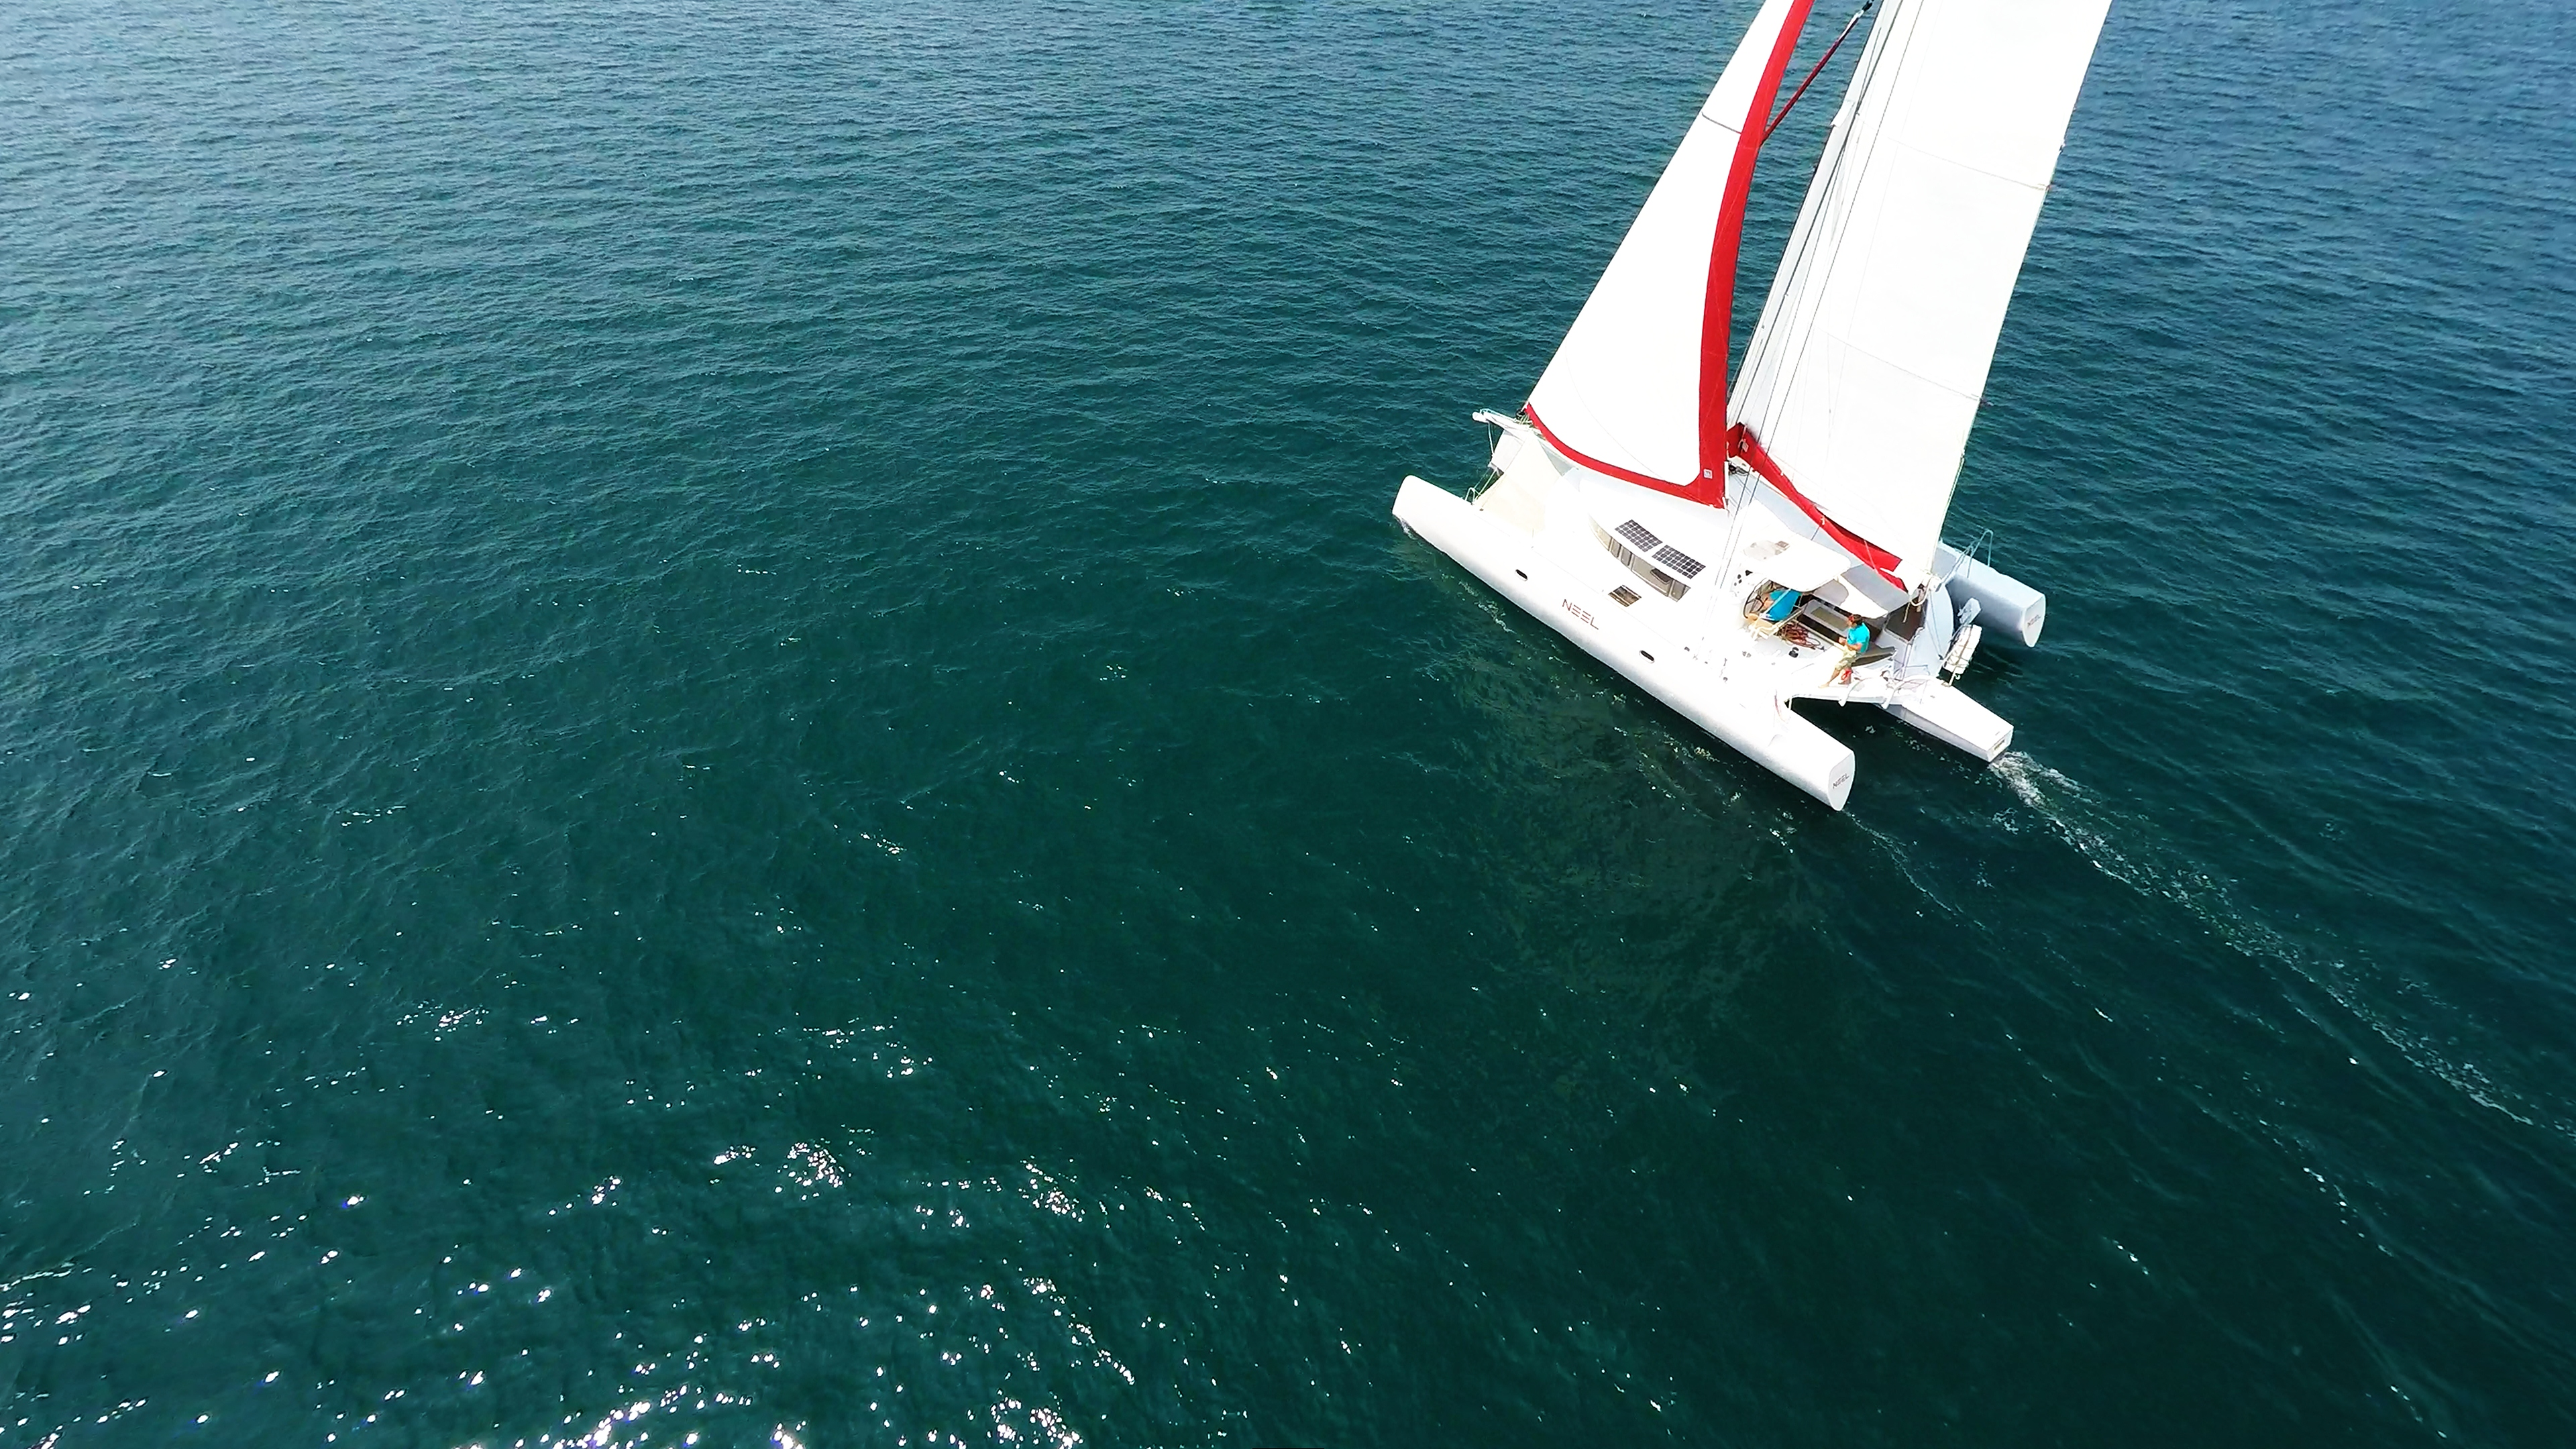 foto aerea di trimarano  barca a vela